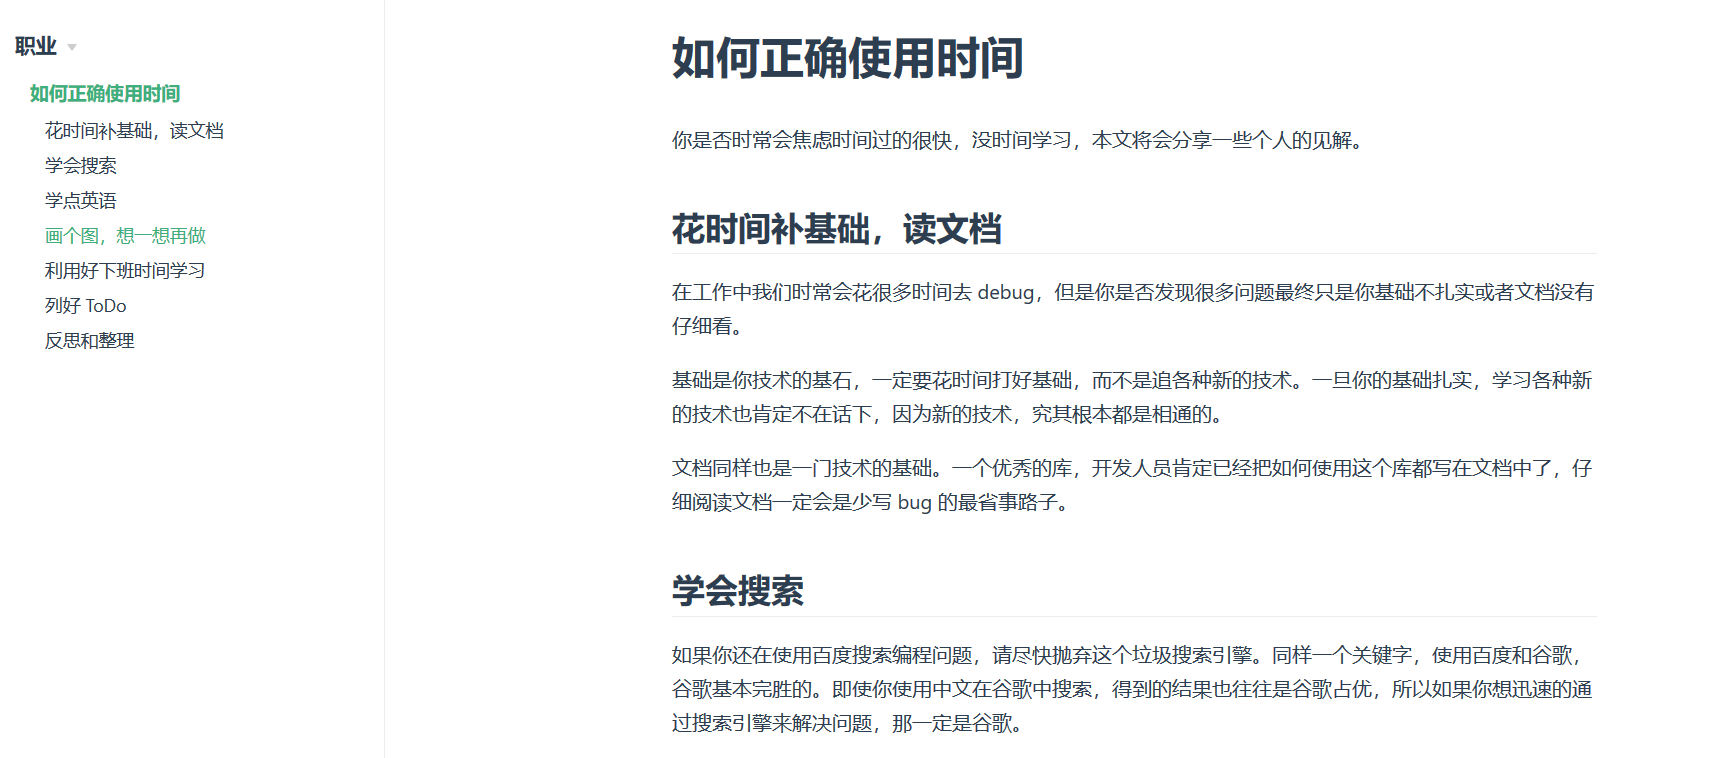 2018年8月26日:开源日报第171期